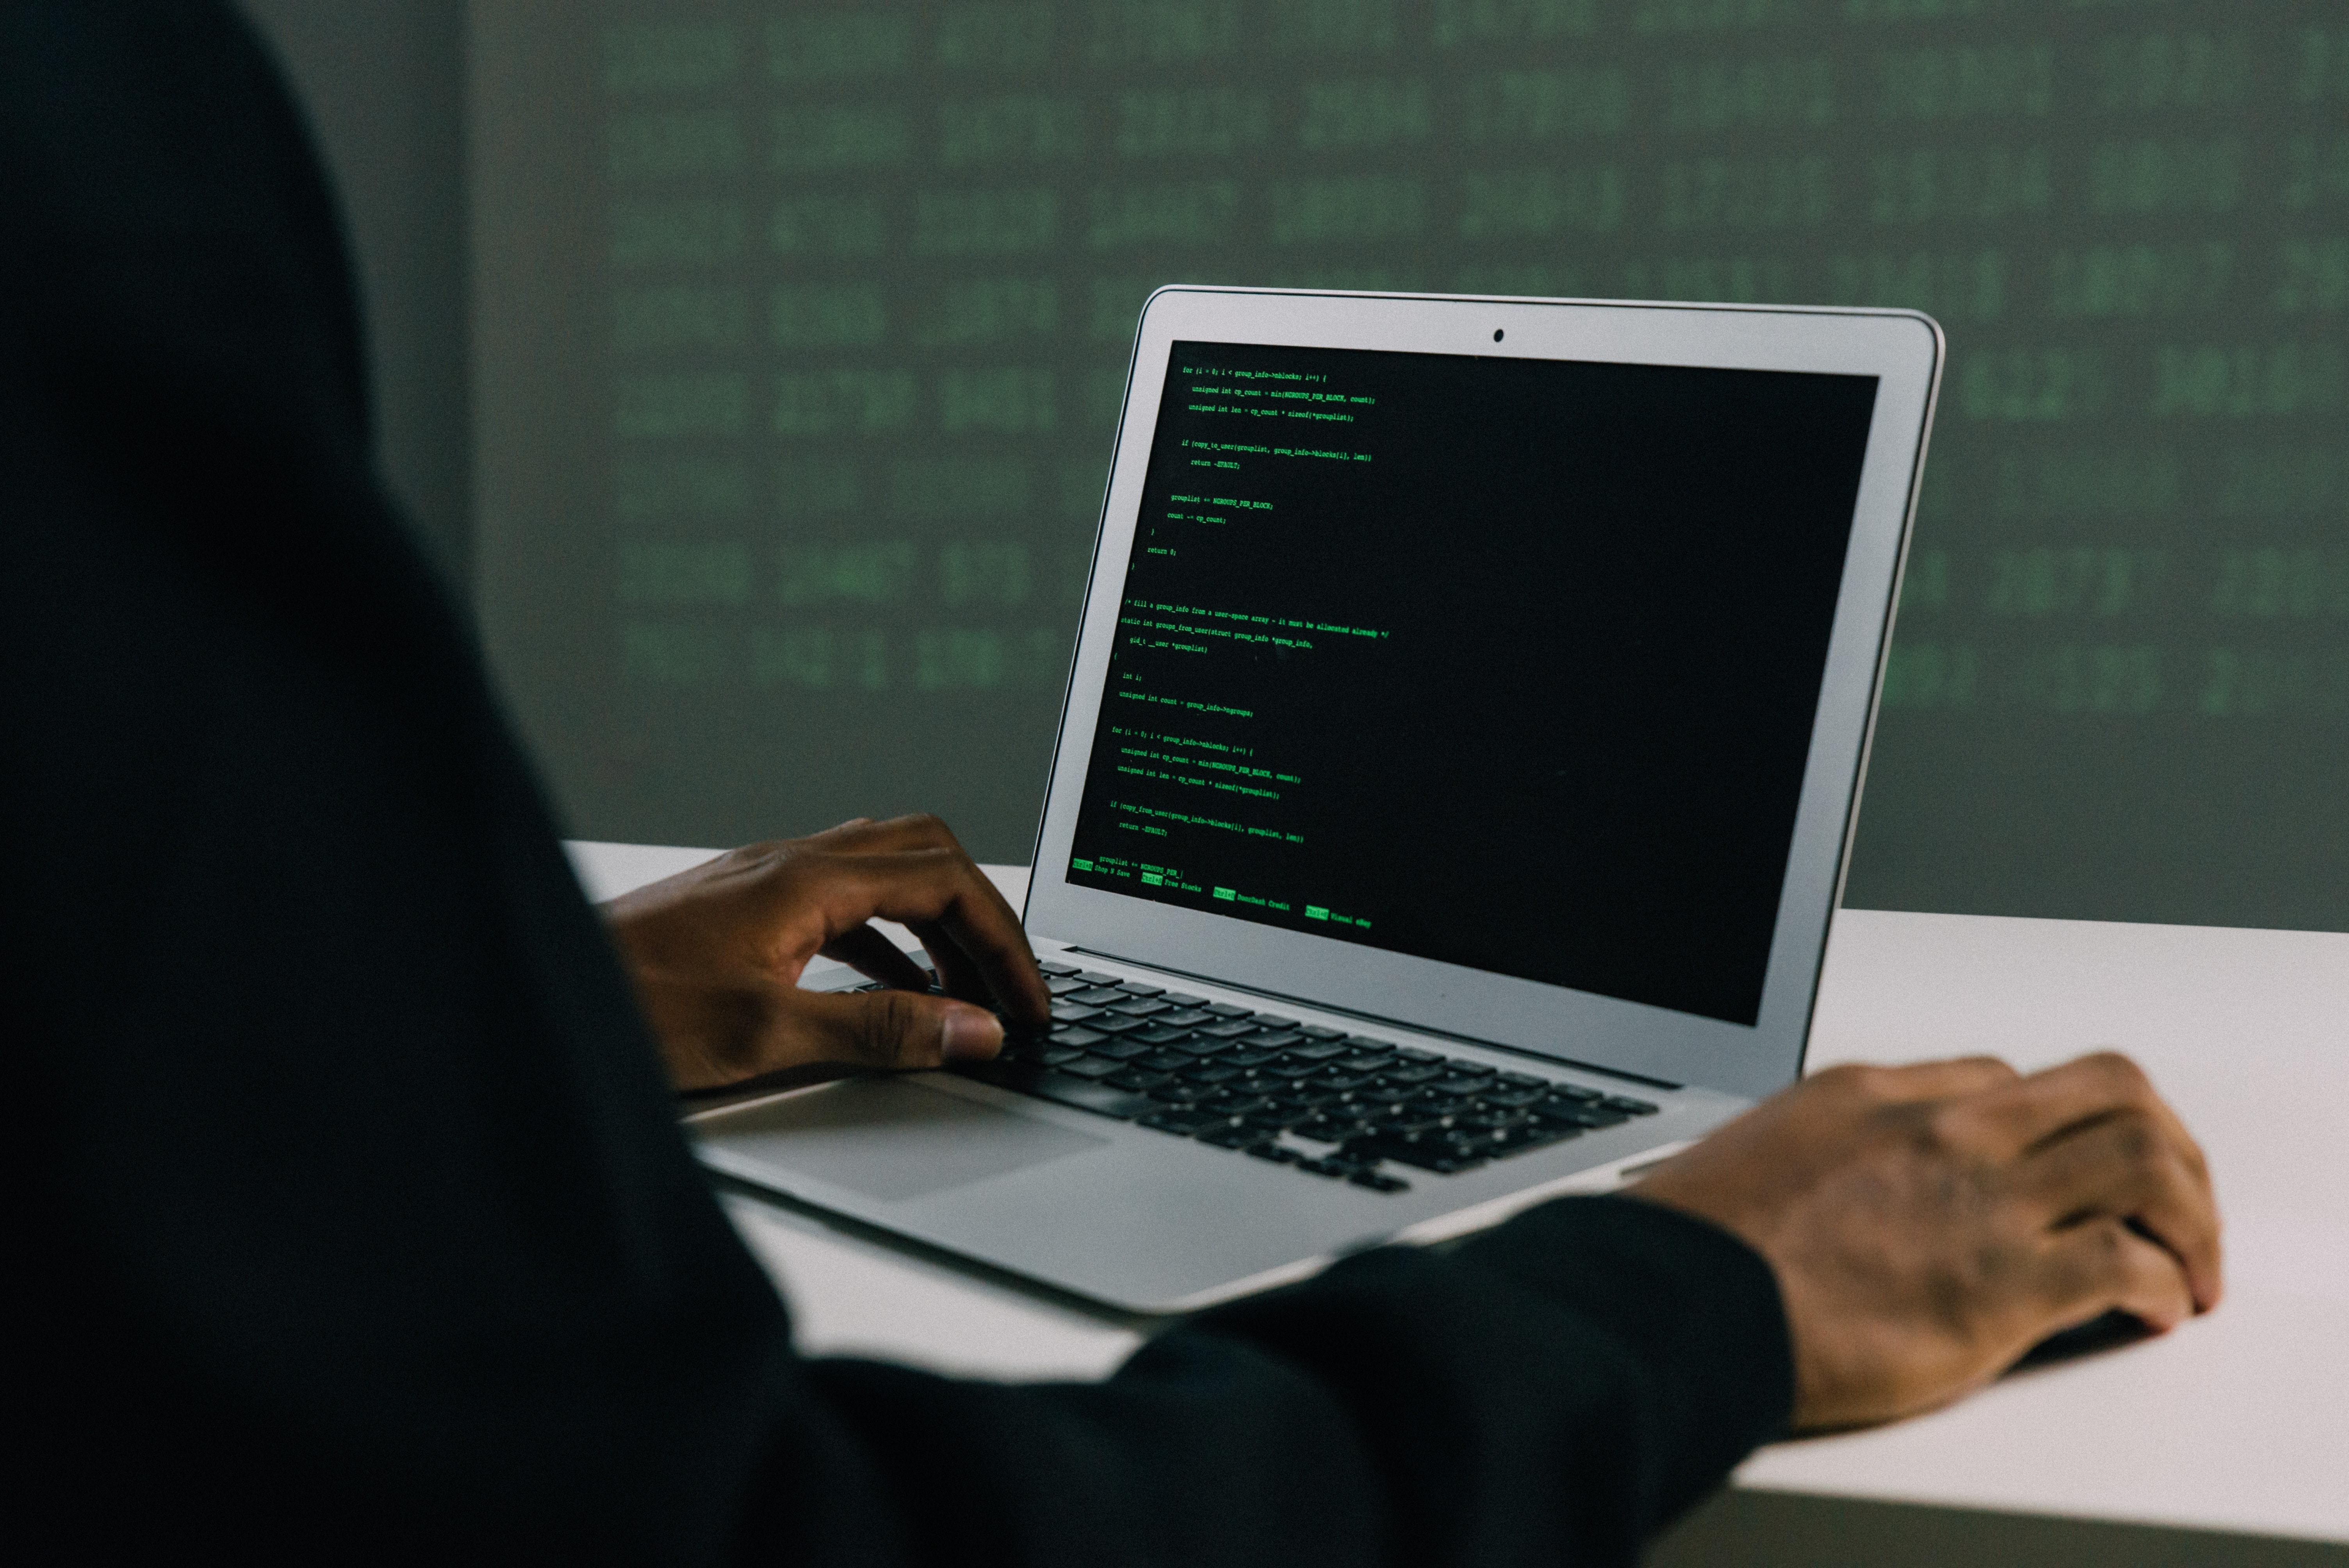 Algumas ações podem reduzir o risco de ataques pela vulnerabilidade. (Fonte: Pexels/Mahti Mango/Reprodução)